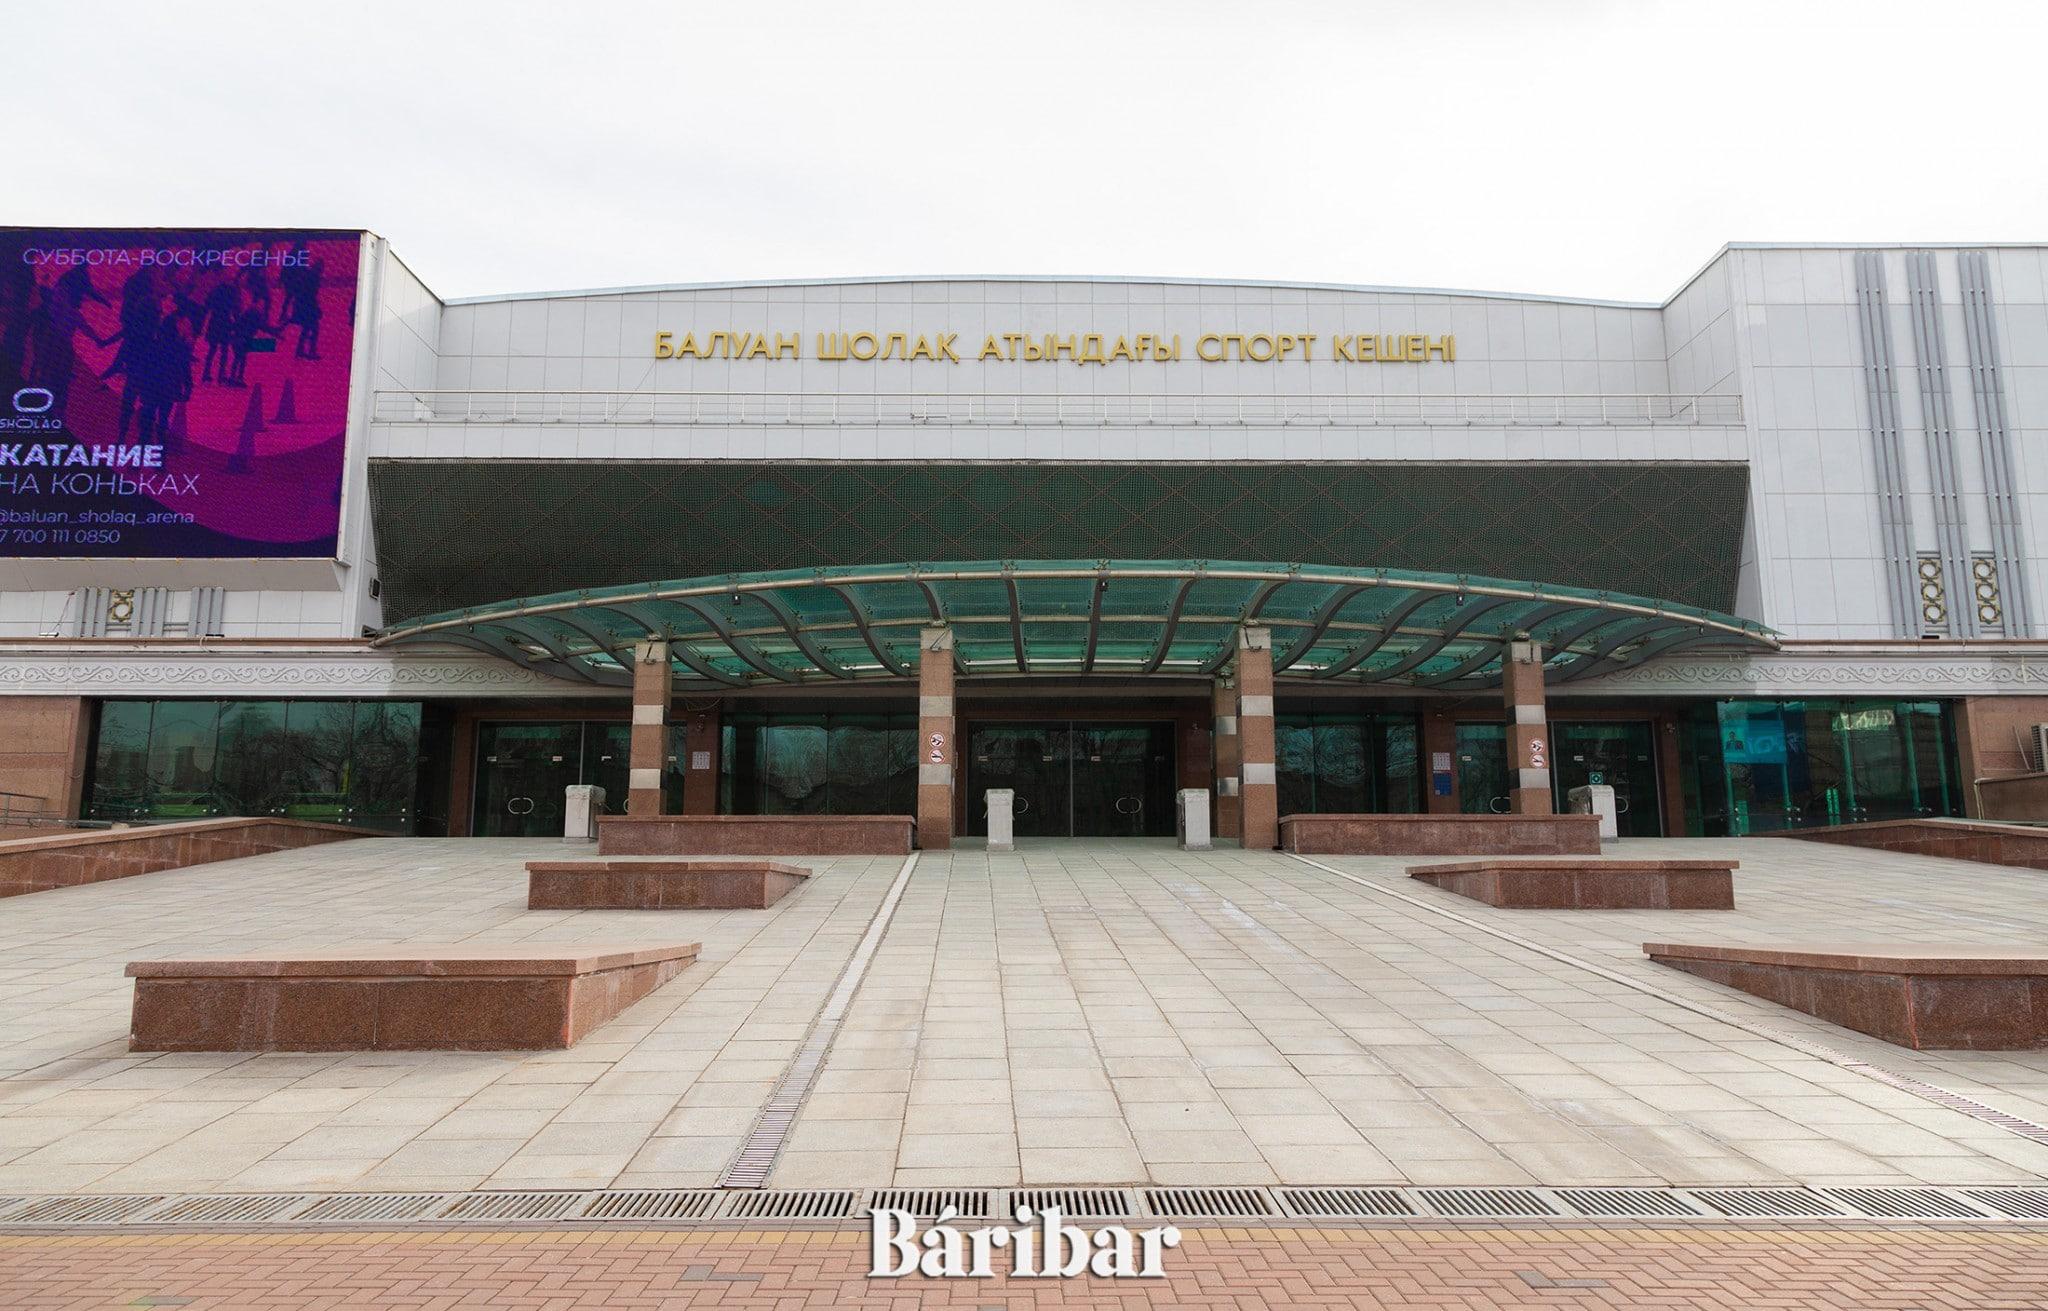 Балуан Шолақ атындағы спорт кешені